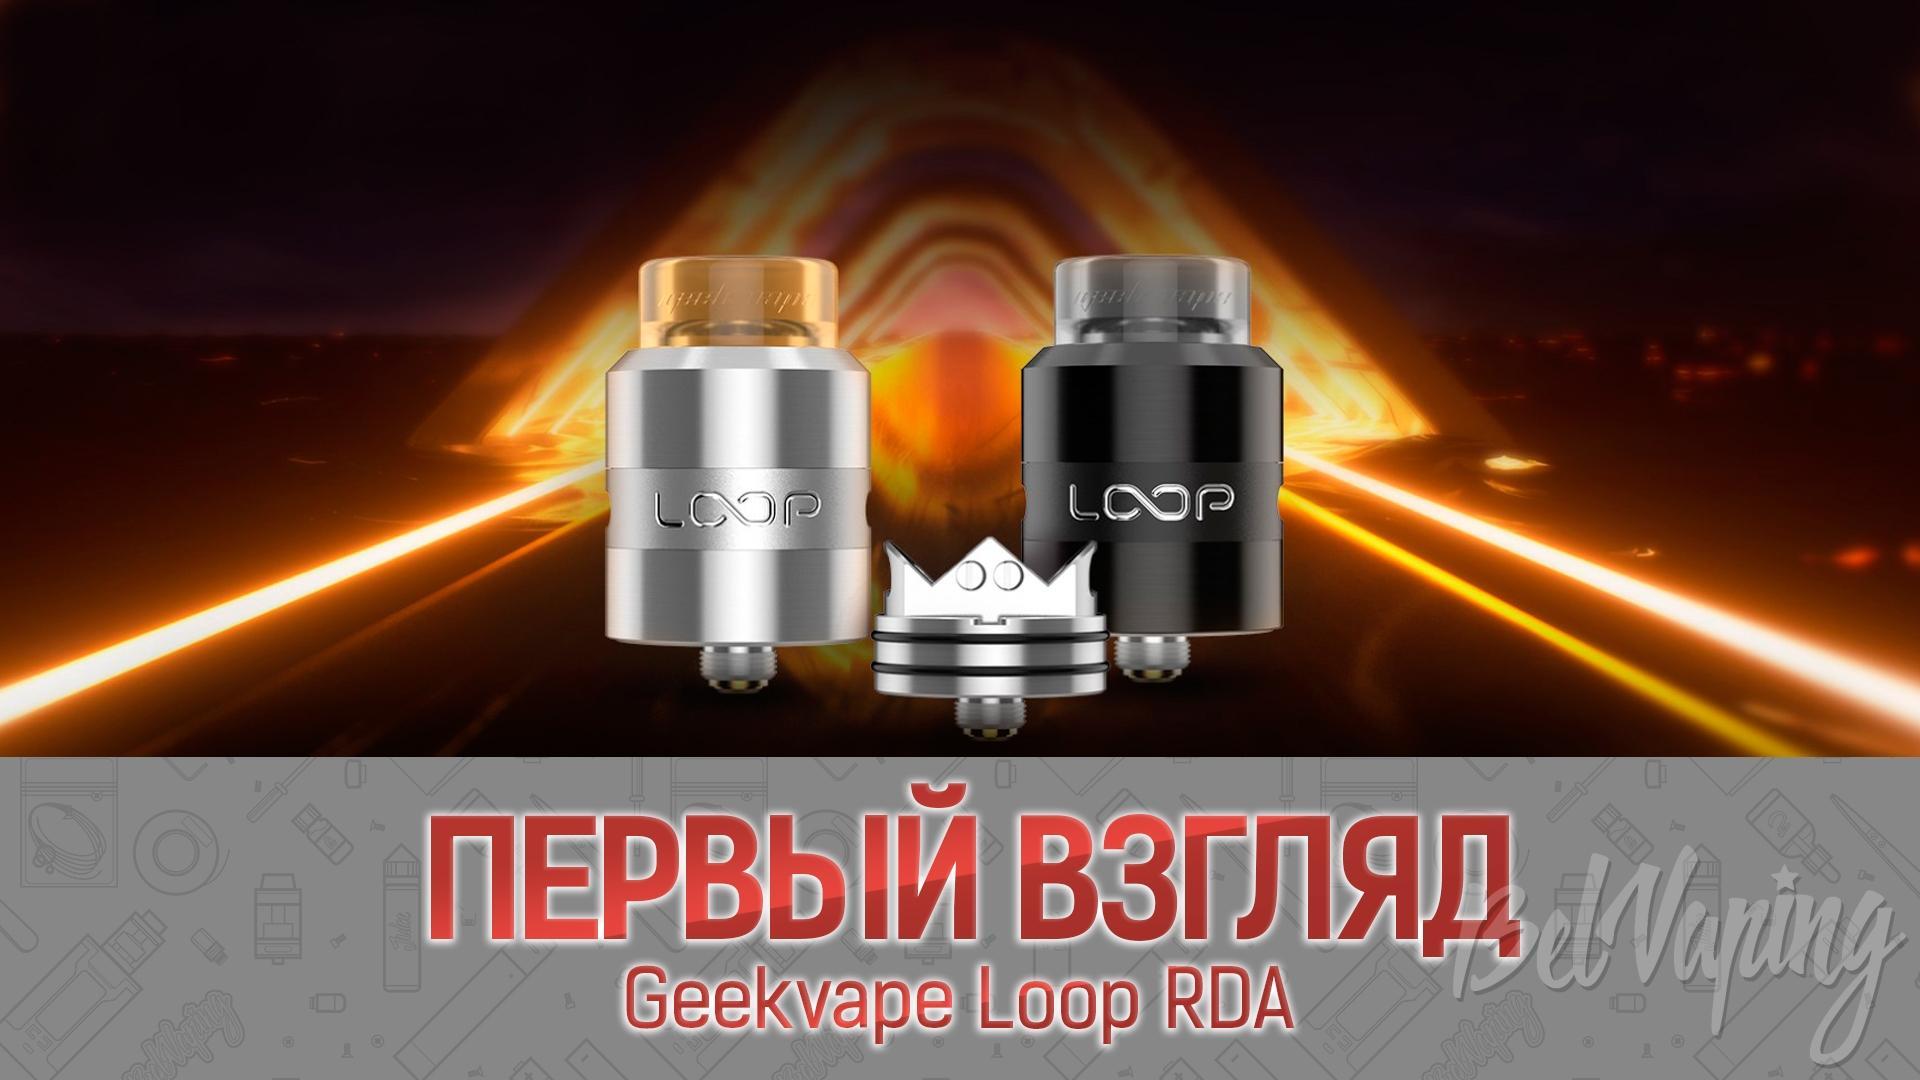 Geekvape Loop RDA. Первый взгляд